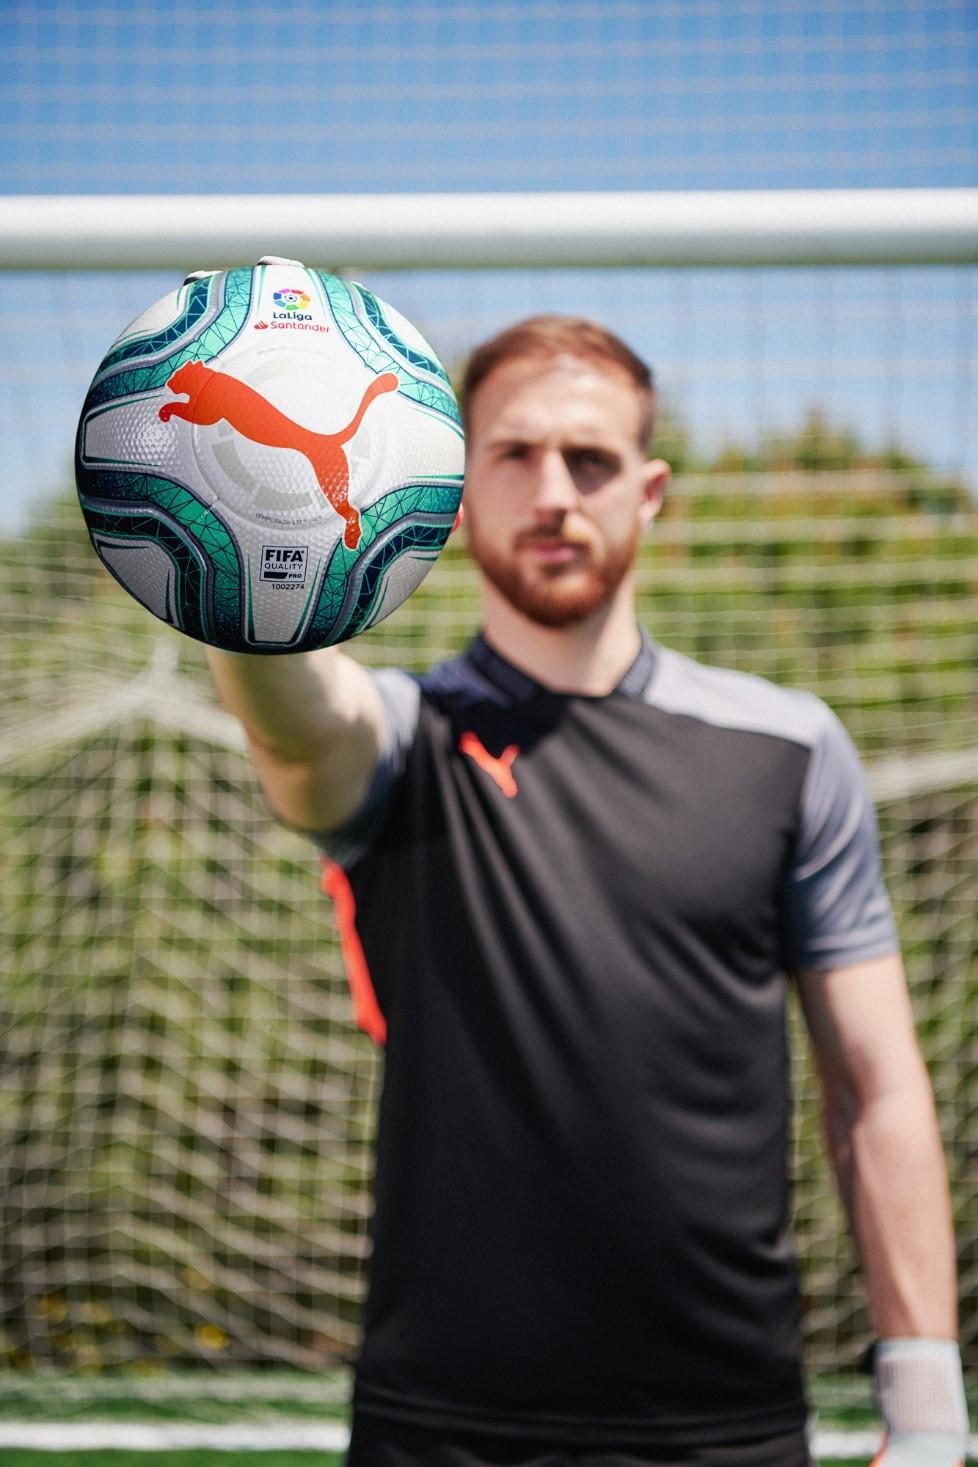 彪马与西甲联盟携手呈现新赛季官方角逐用球